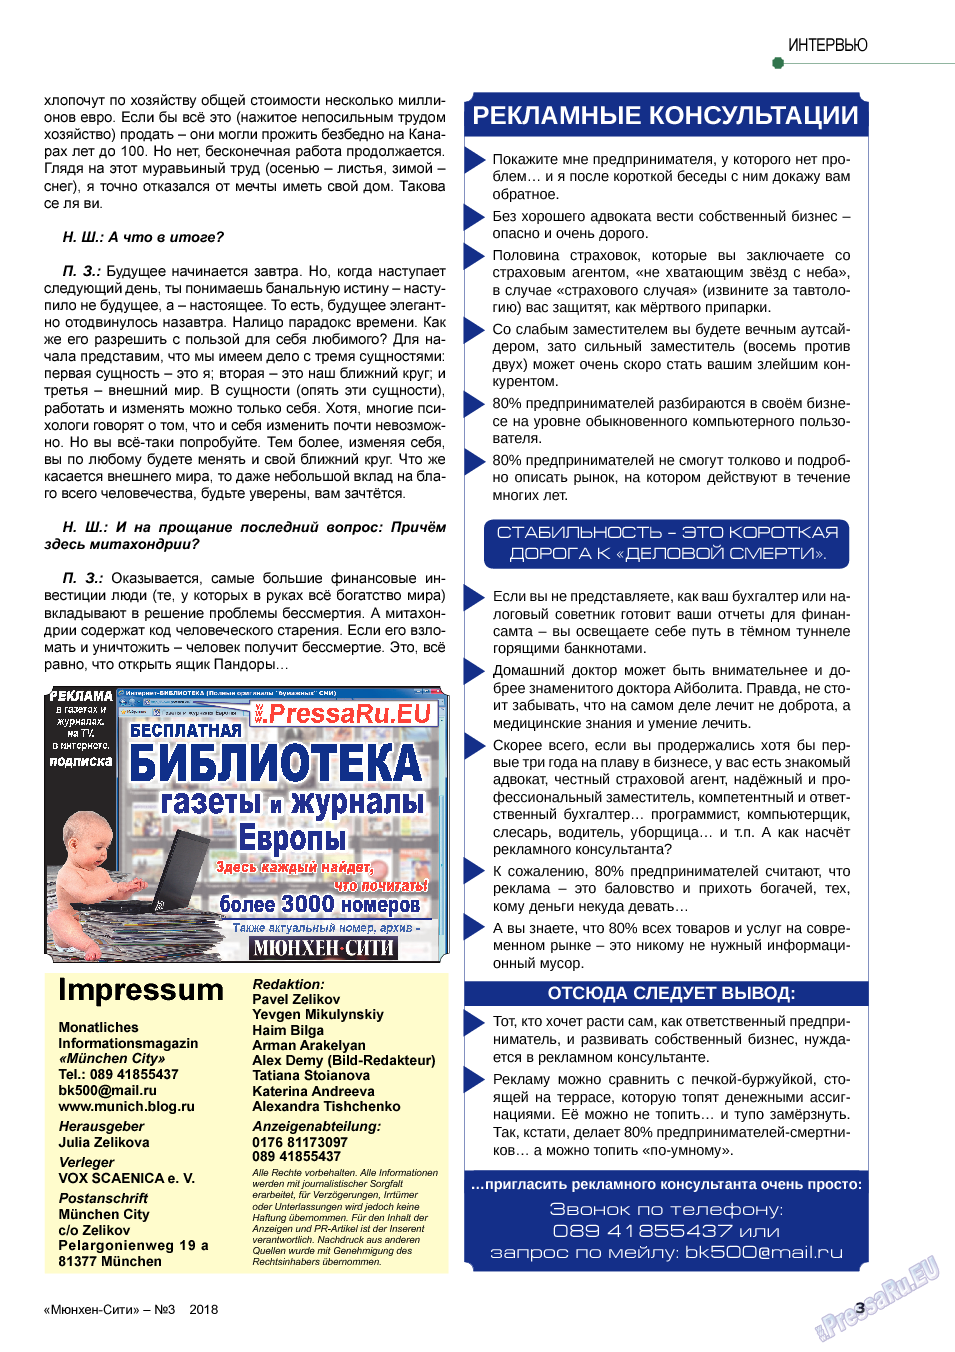 Мюнхен-сити (журнал). 2018 год, номер 3, стр. 3